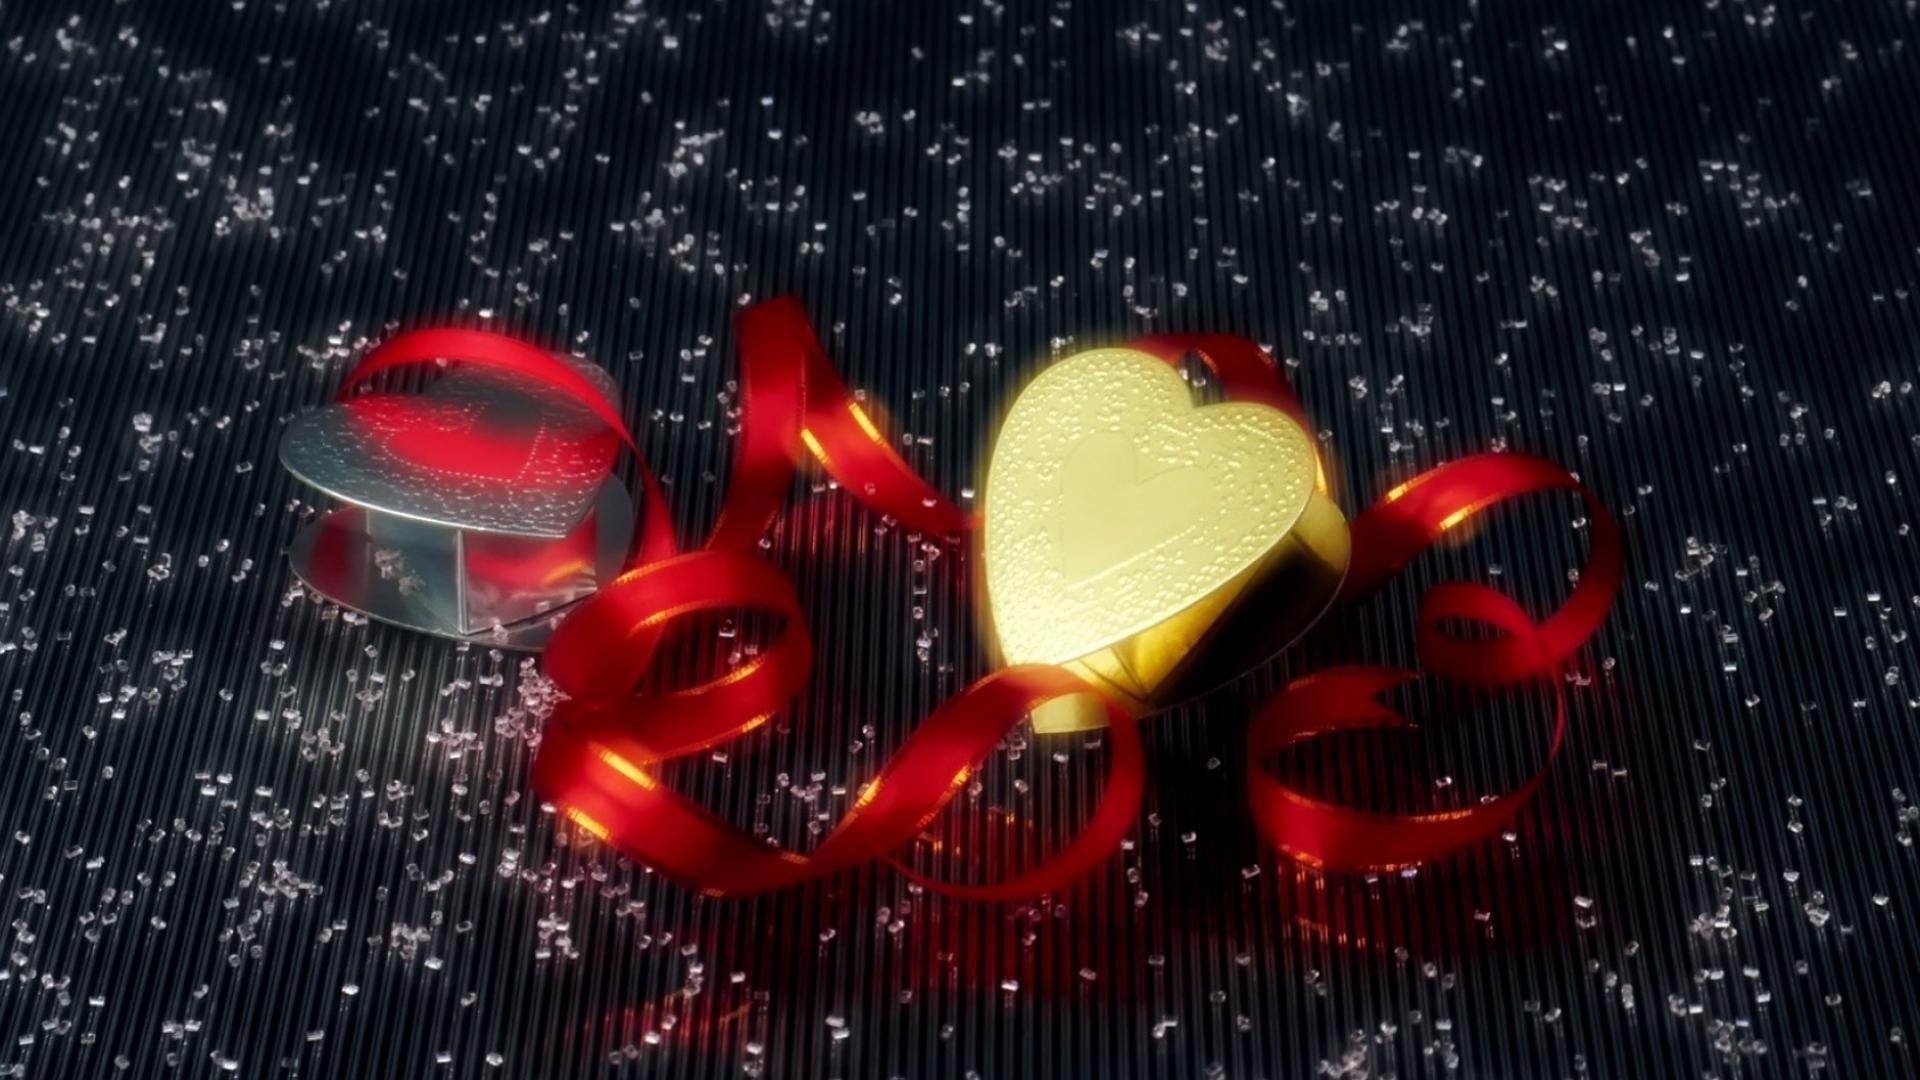 них тахина, новый год фото на рабочий стол сердечками маме уже уши